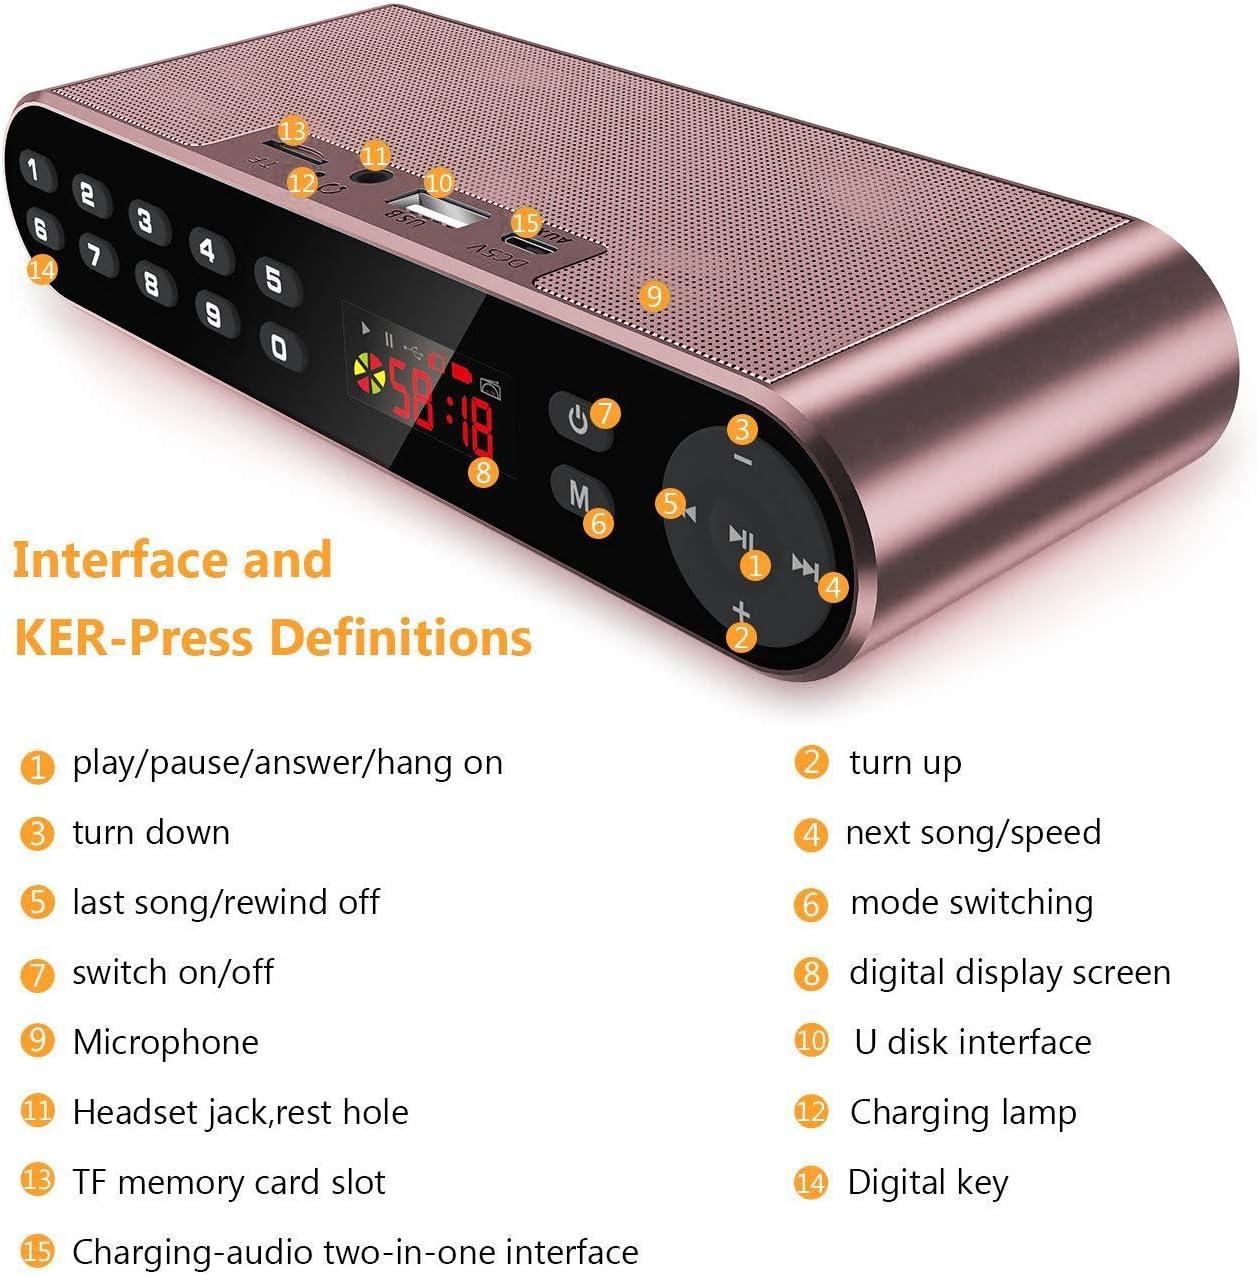 Altavoz Bluetooth Antimi, radio digital FM portátil, reproductor de MP3, altavoz inalámbrico portátil con potentes bajos incorporados, micrófono ...